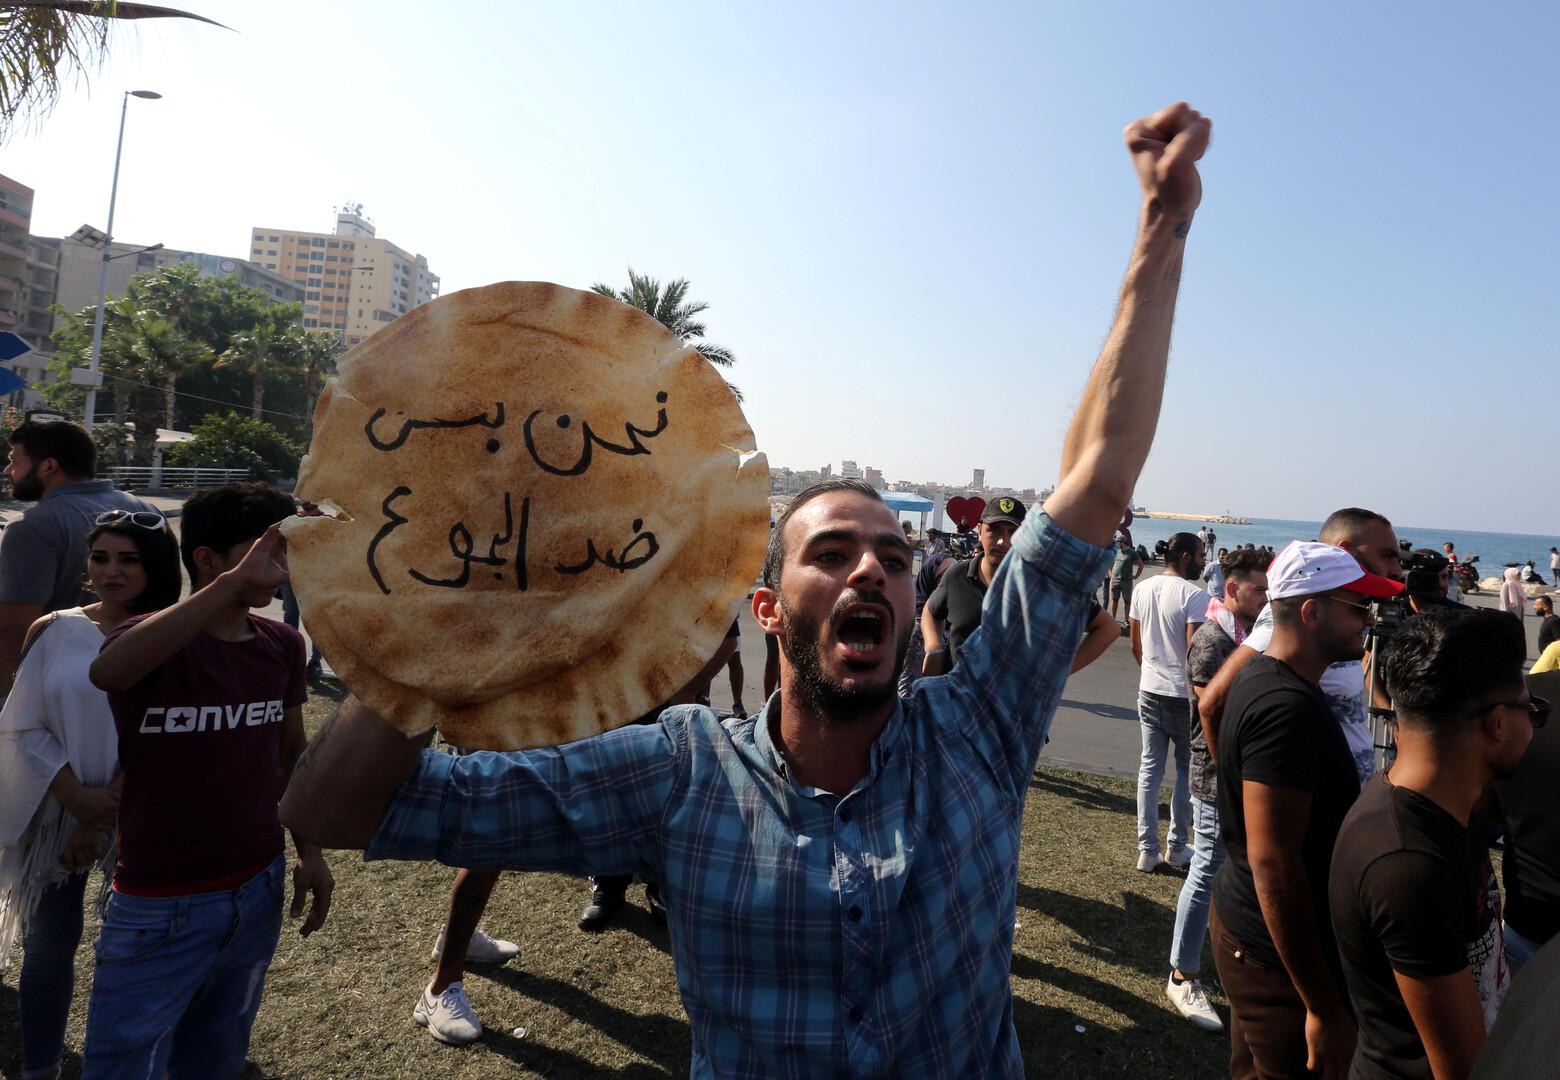 مستشار الحكومة اللبنانية متفائل برد فعل إيجابي على الإصلاحات